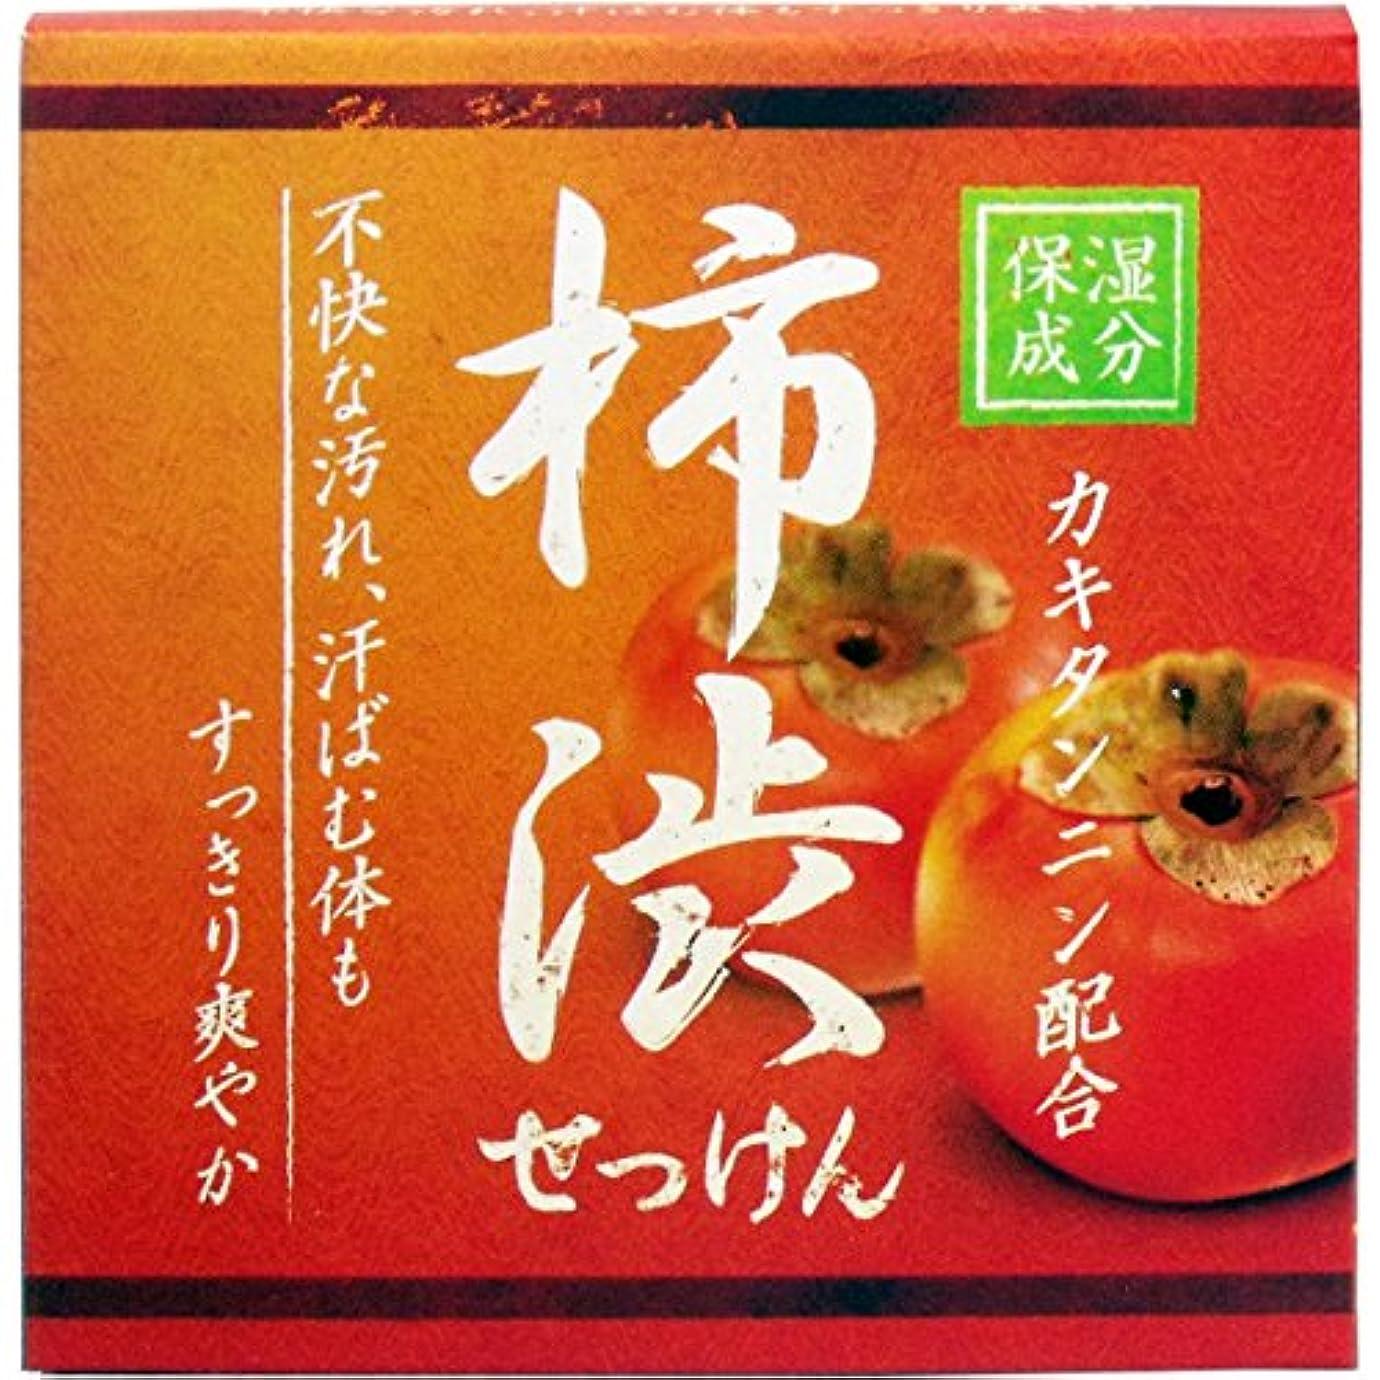 火山の中拮抗するクロバーコーポレーション 柿渋配合石けん 石鹸 セッケン せっけん HYA-SKA 80g×3